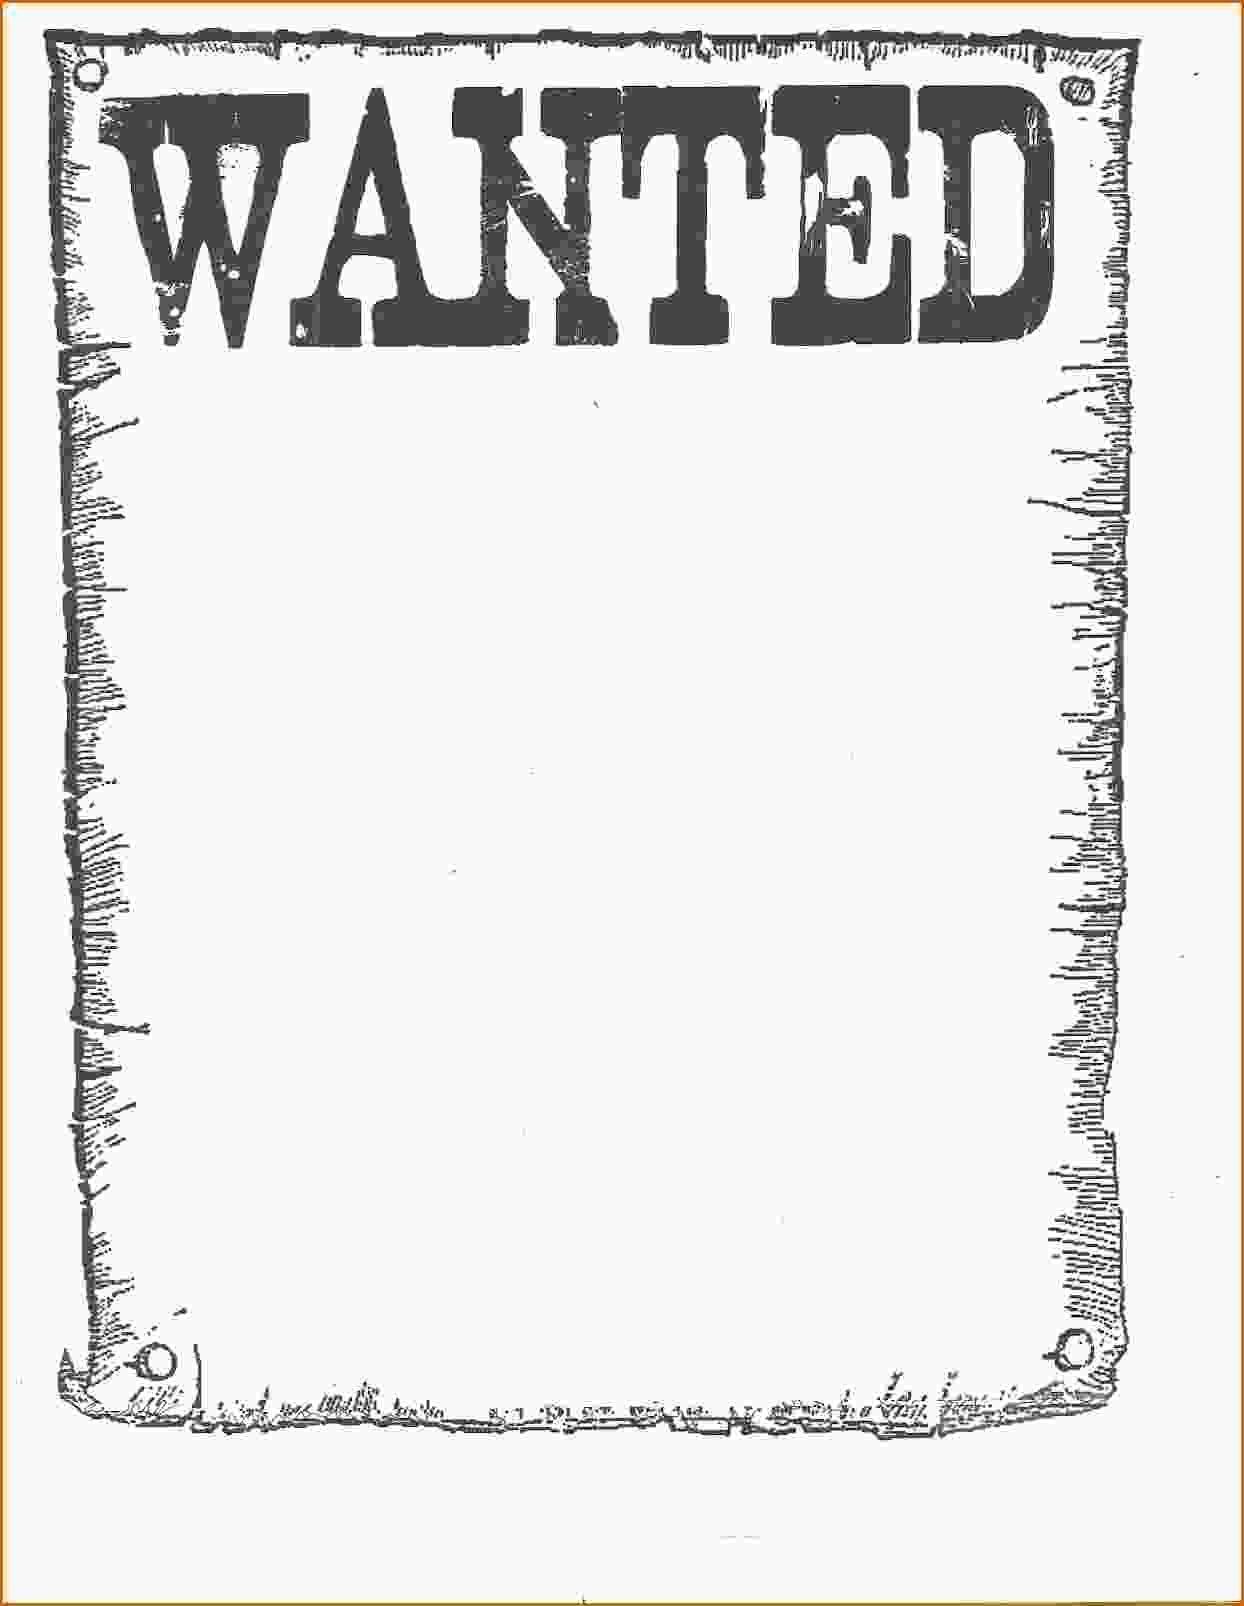 Cowboy Cutouts Nice Free Printable Wanted Poster ~ Atabeyimedya - Wanted Poster Printable Free